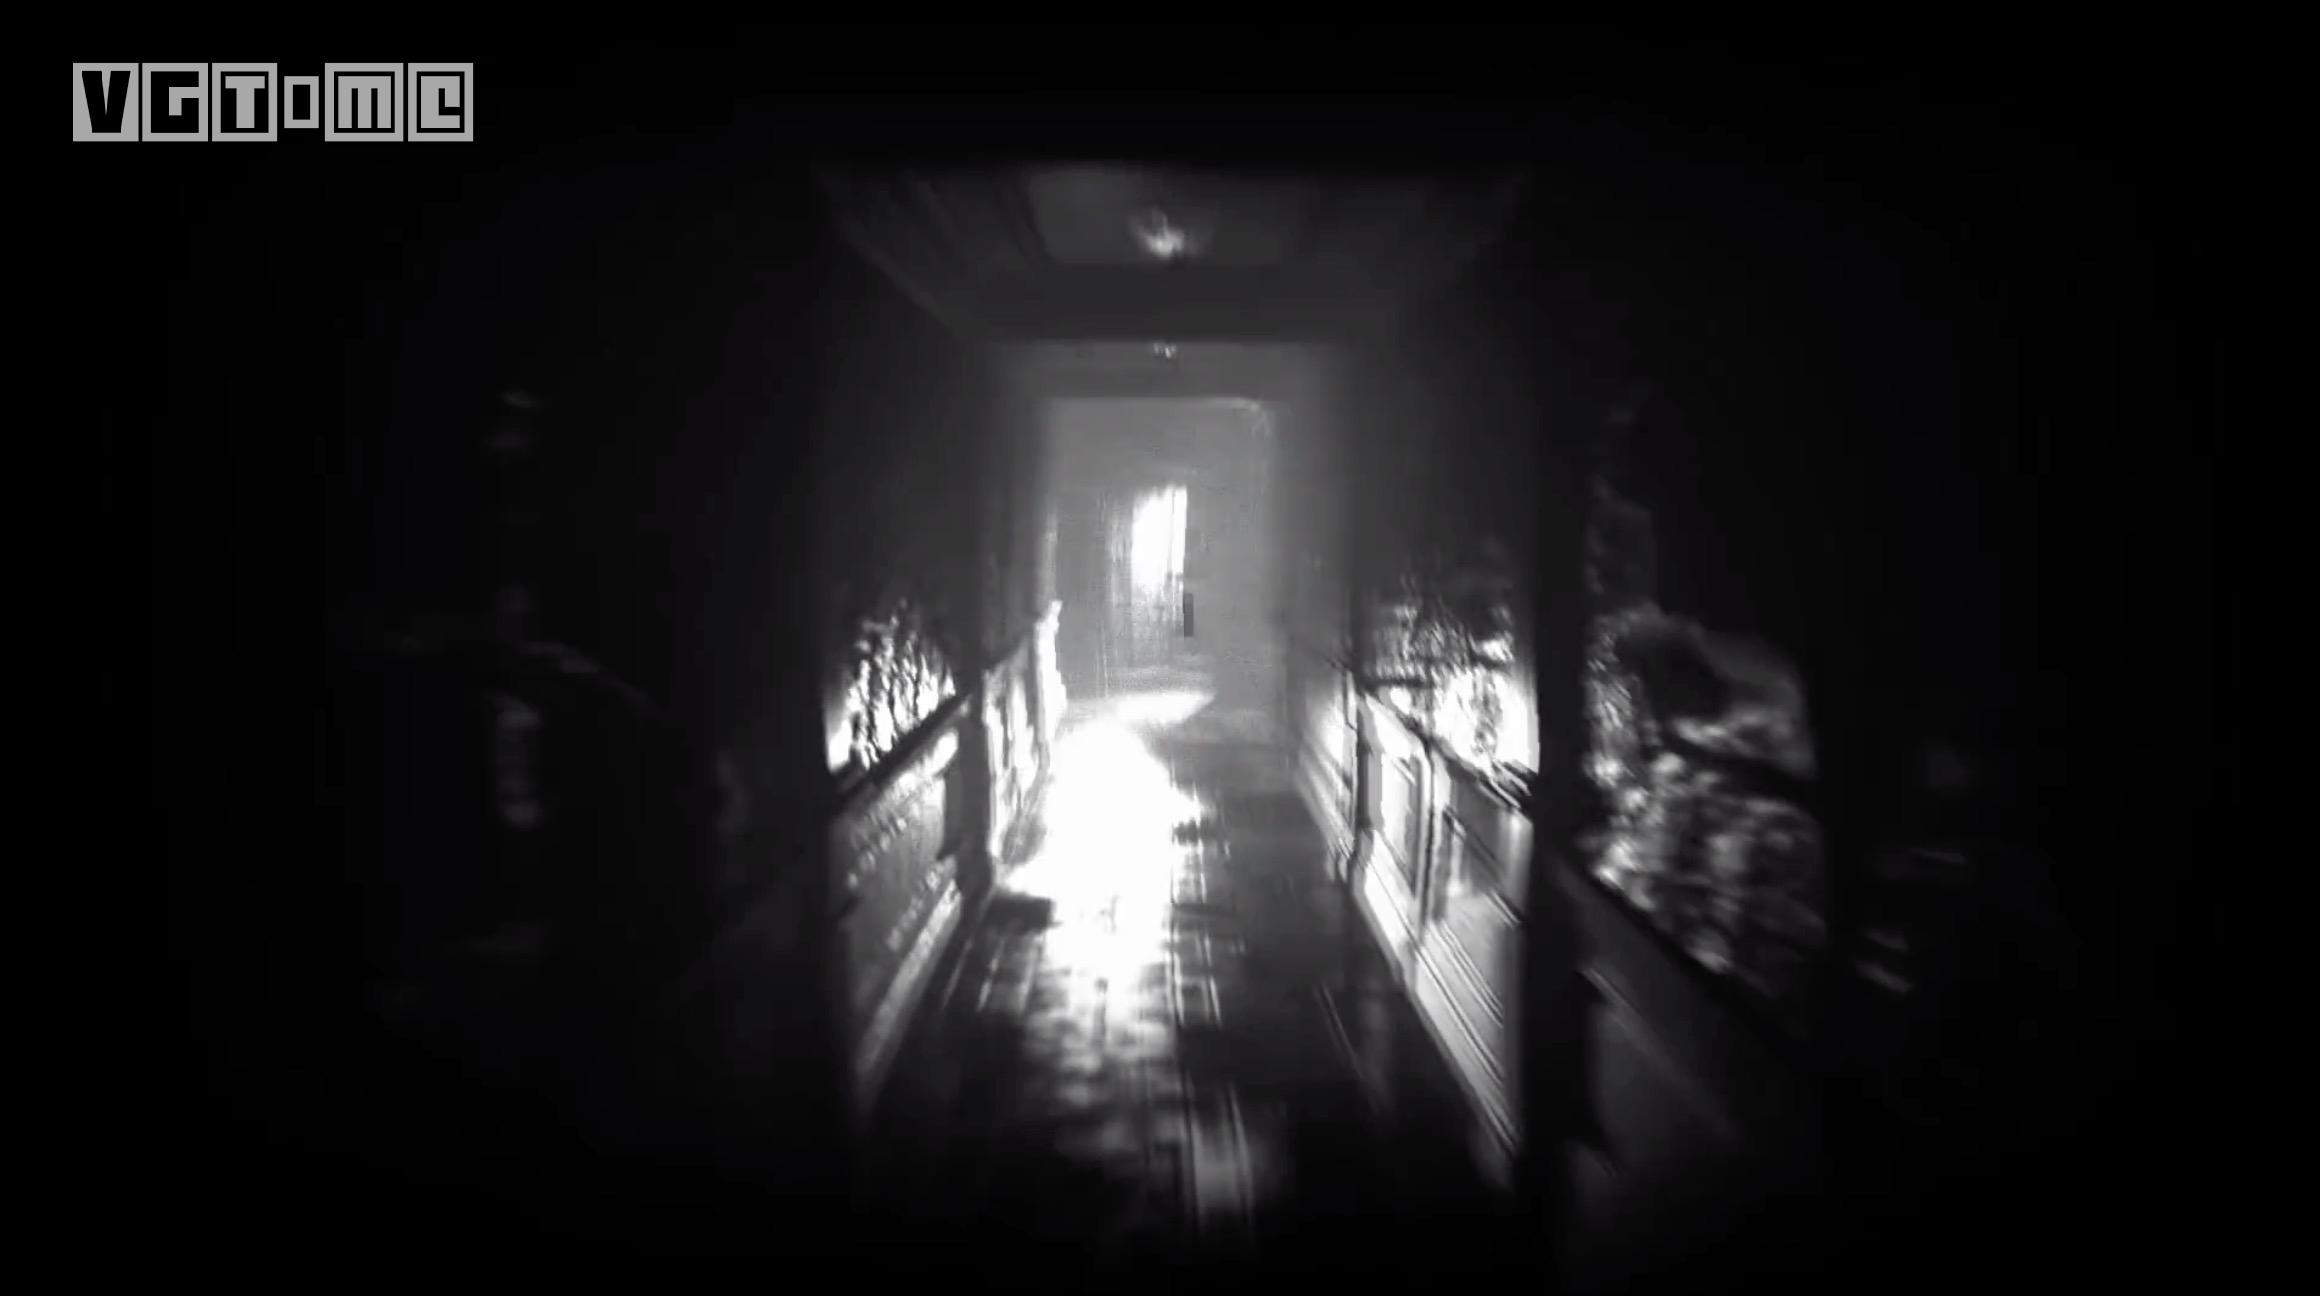 惊悚题材佳作《层层恐惧2》公布 2019年发售